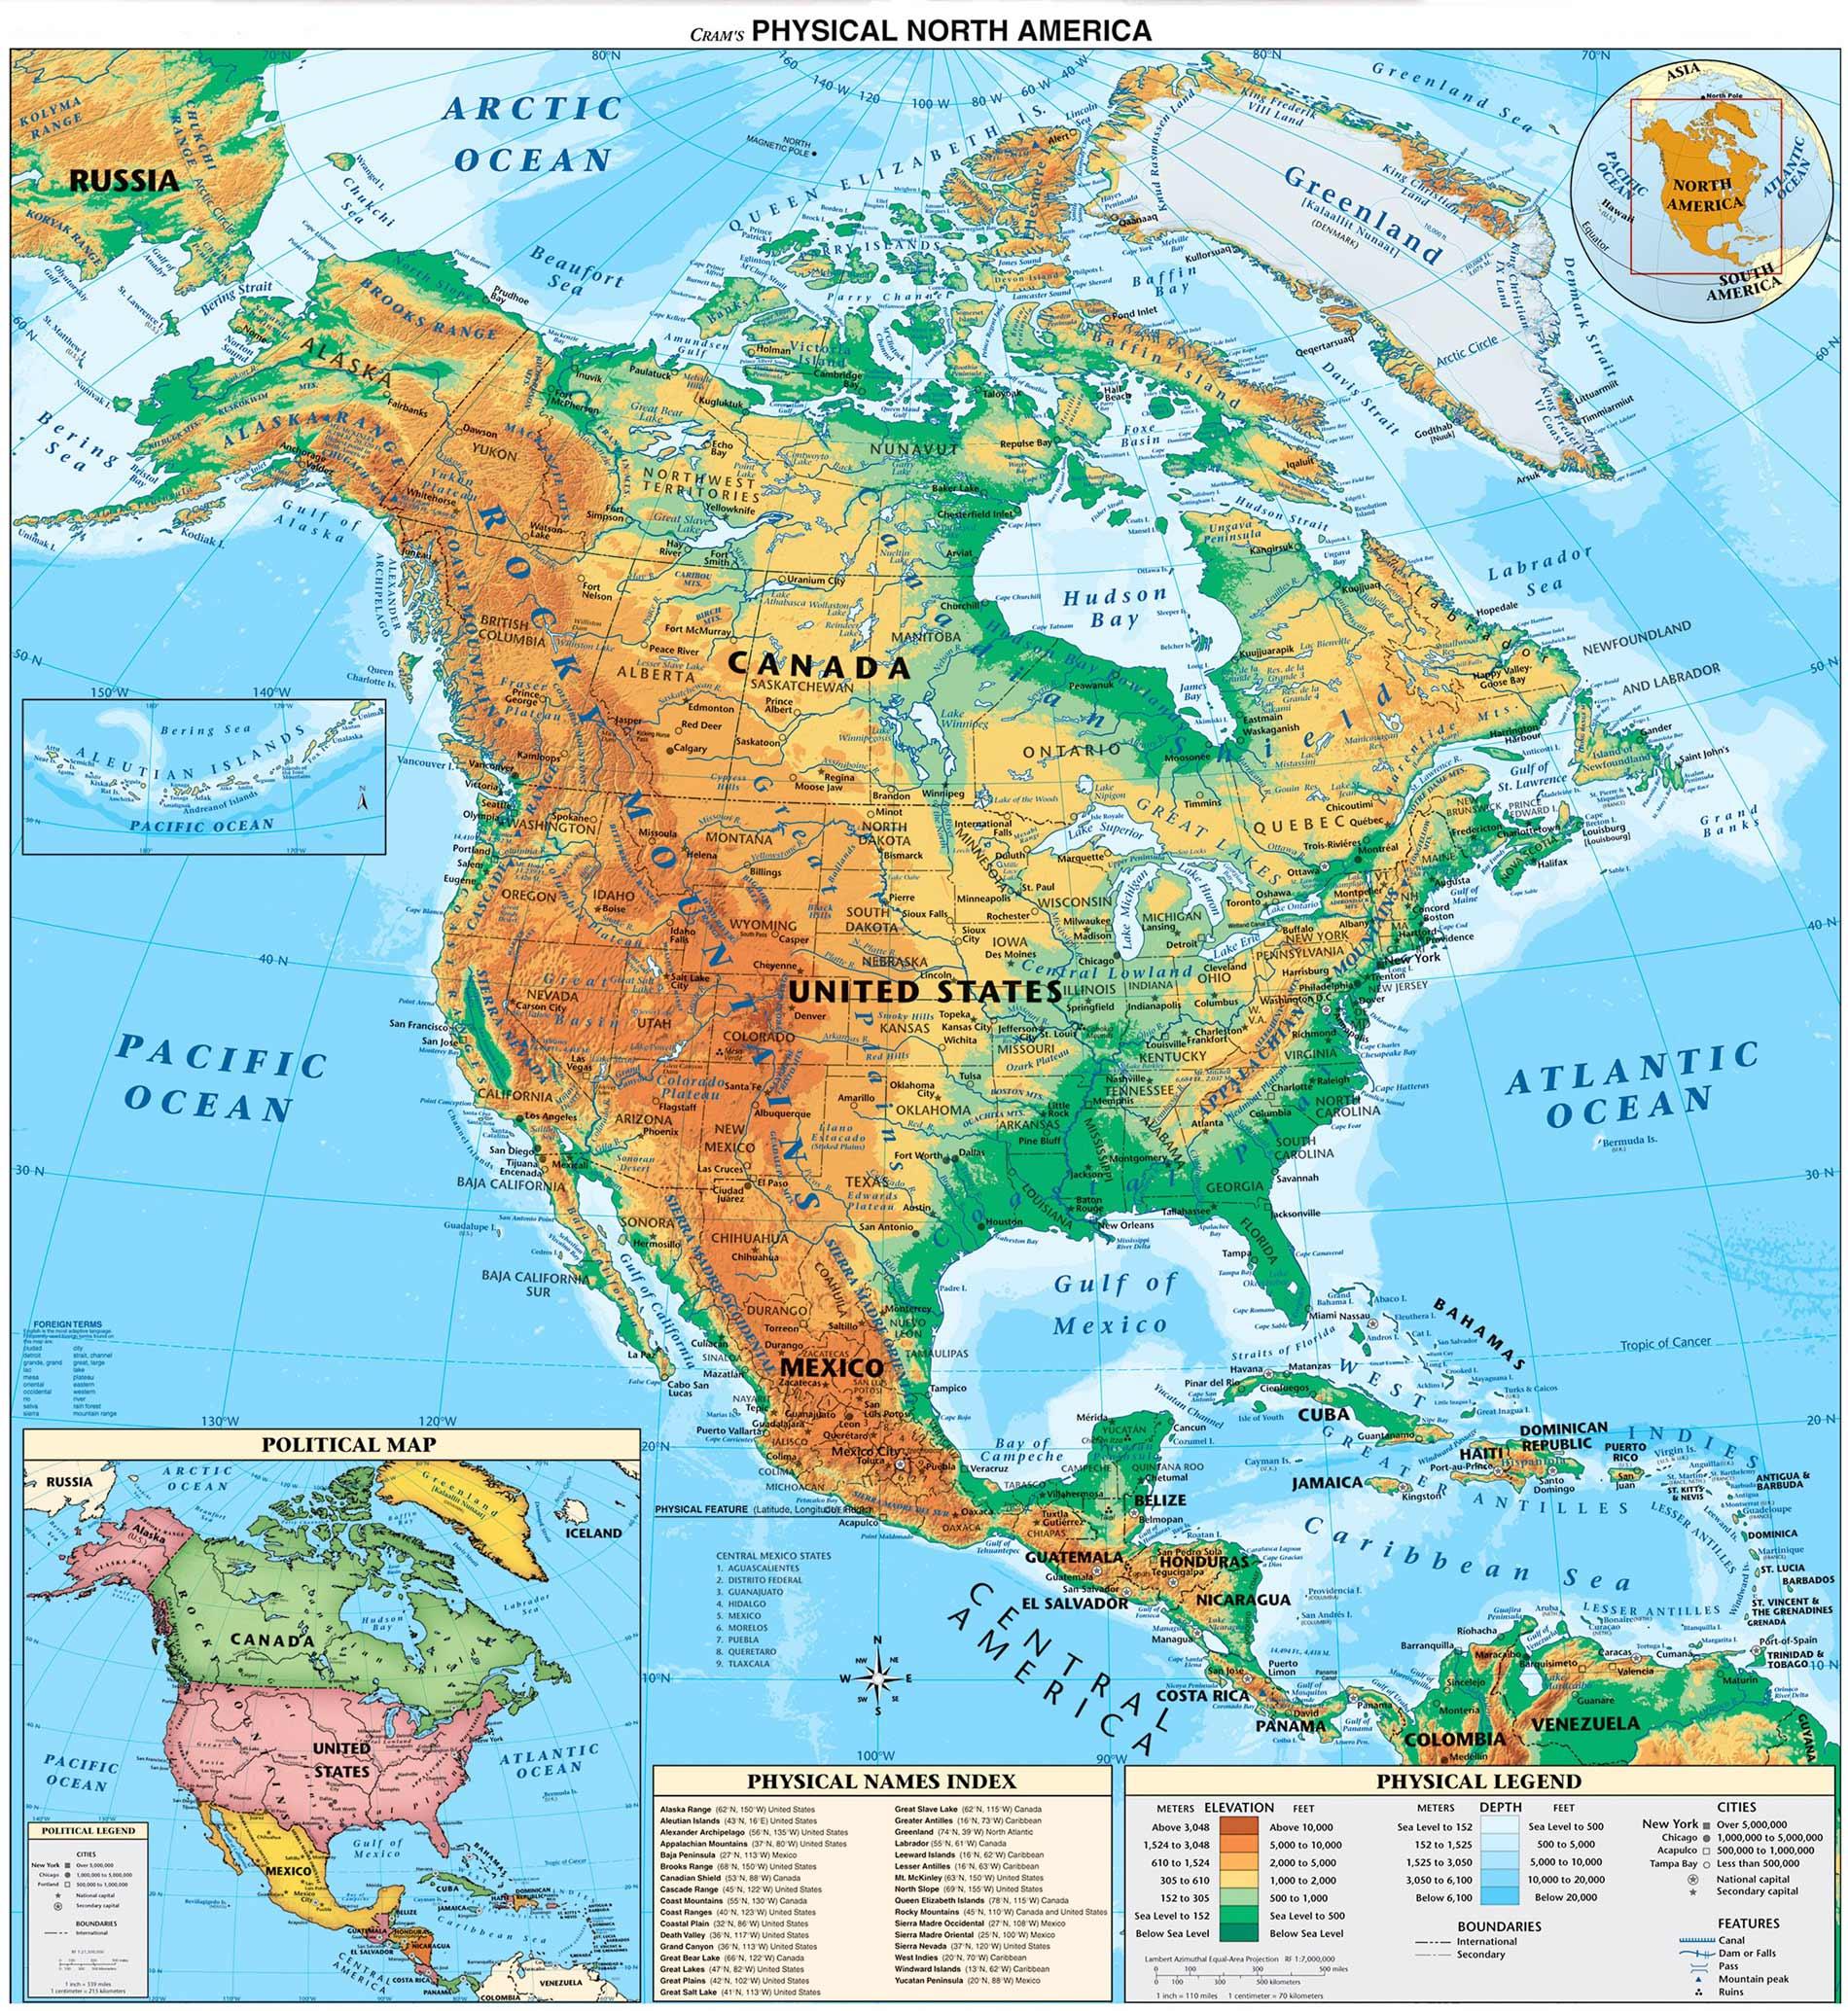 Carte de l'Amérique du Nord et Centrale